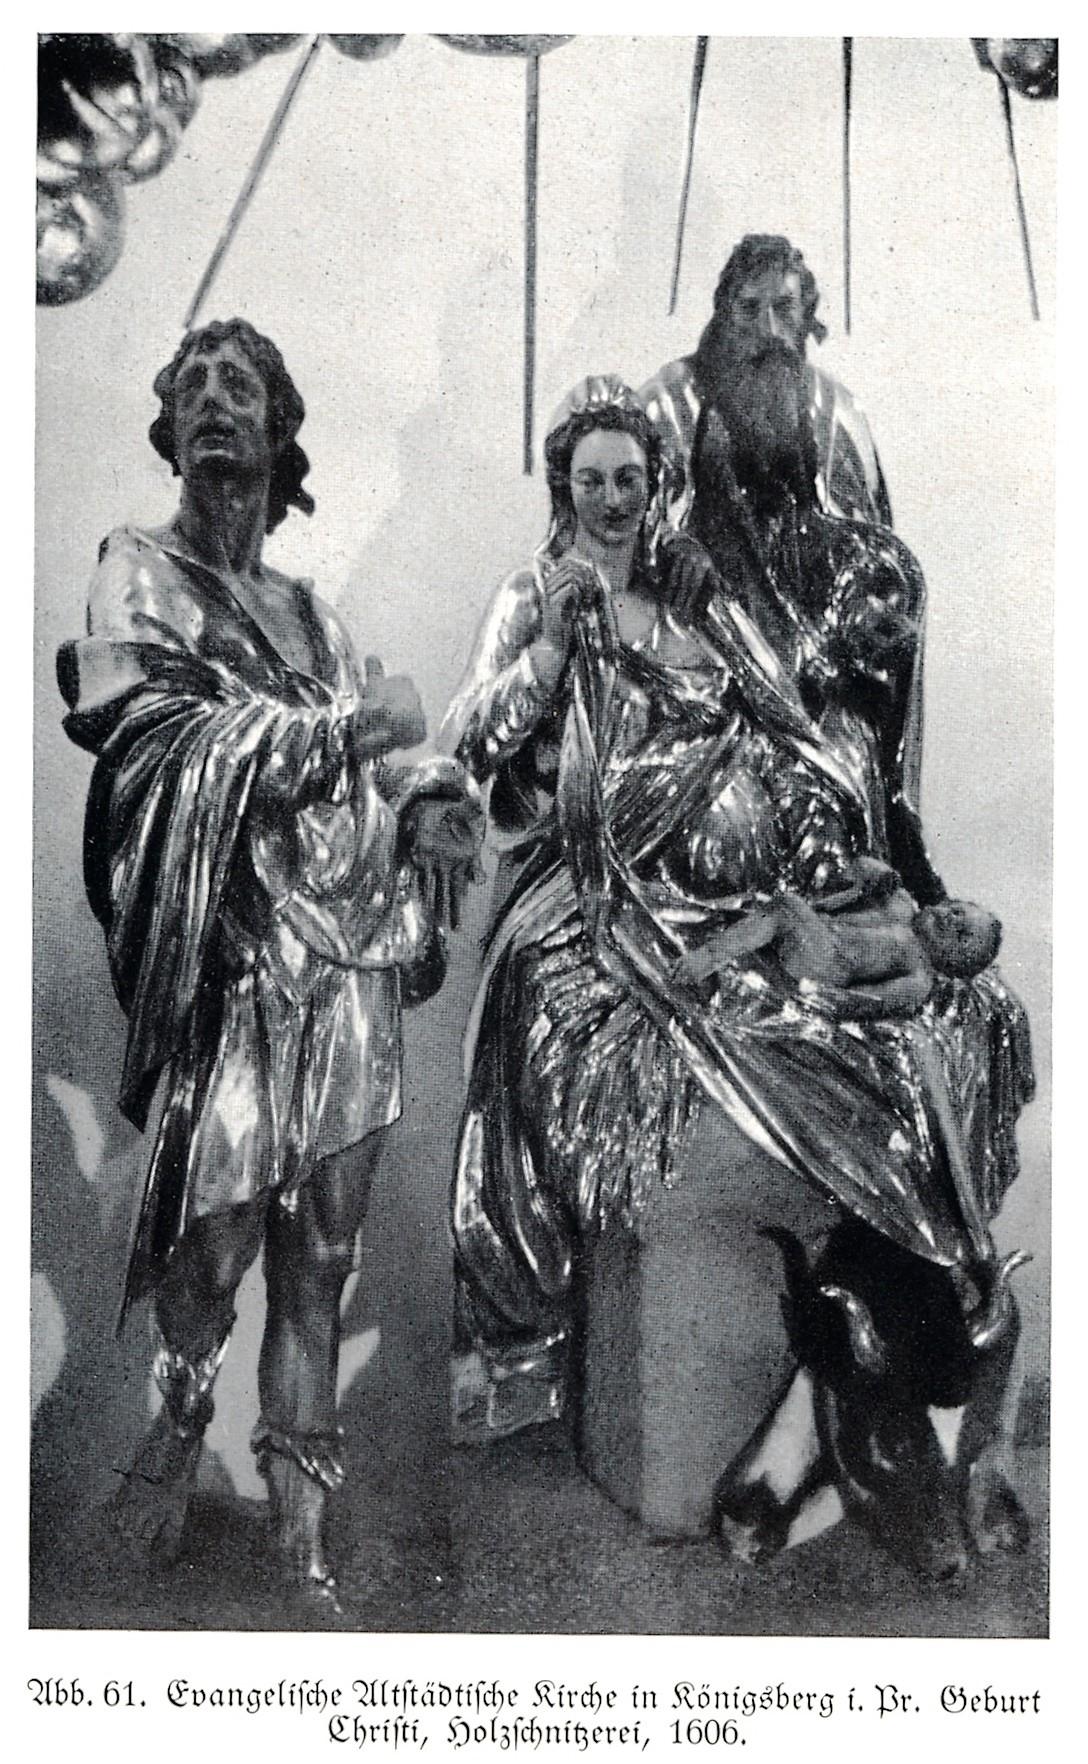 Karaliaučius, 1606. Königsberg,_Evangelische_Altstädtische_Kirche,_Erstes_Obergeschoss_-_Mittelteil,_Geburt_Jesu_mit_Maria_und_Joseph